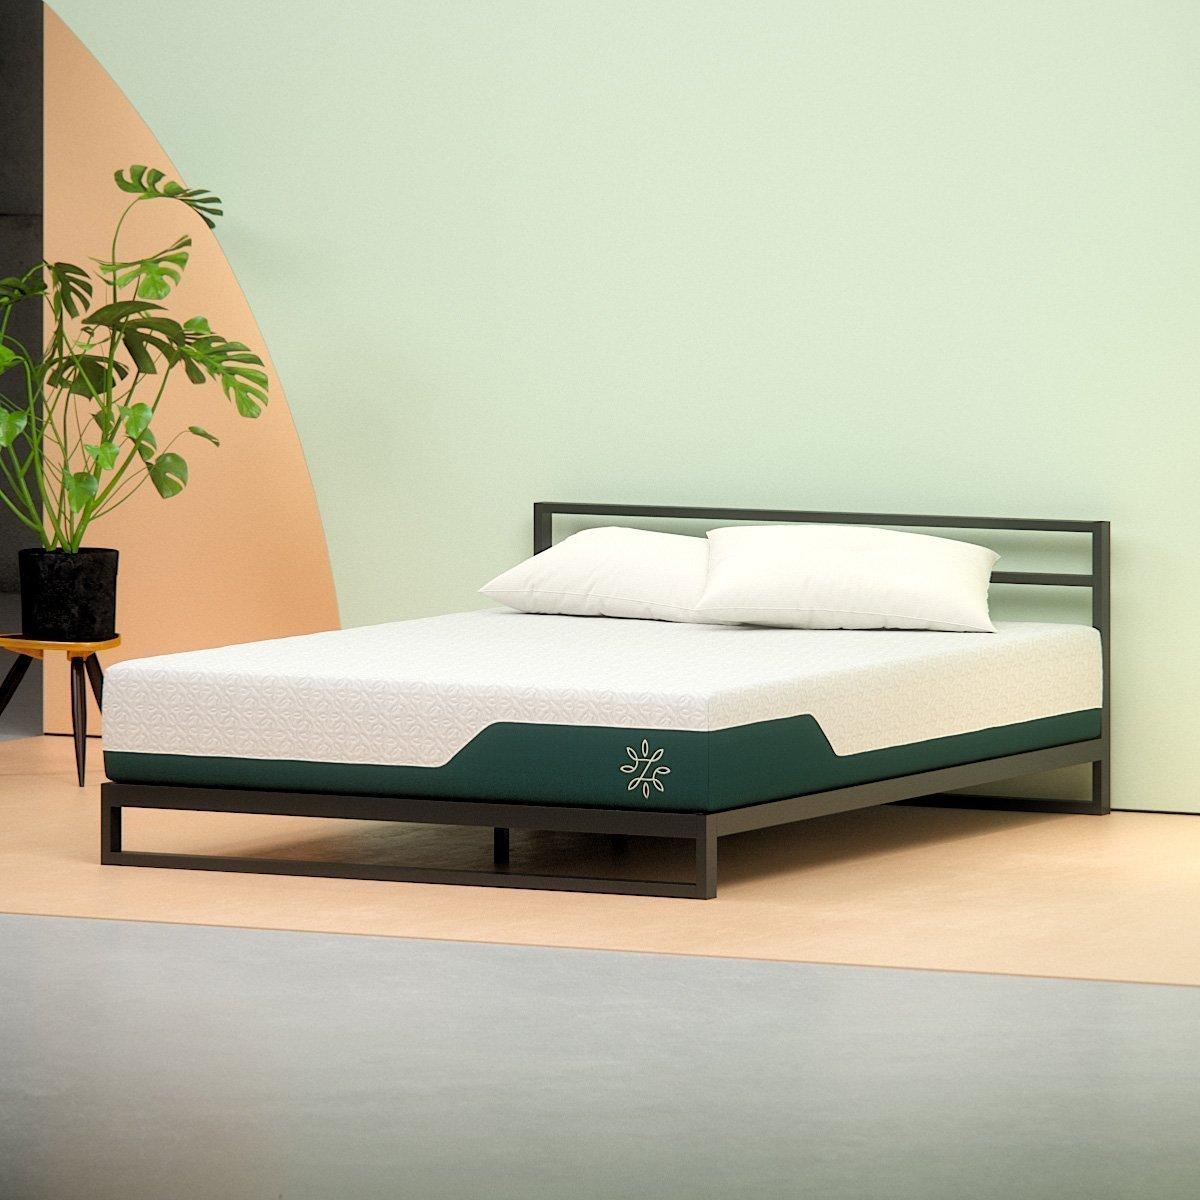 zinus cooling mattress